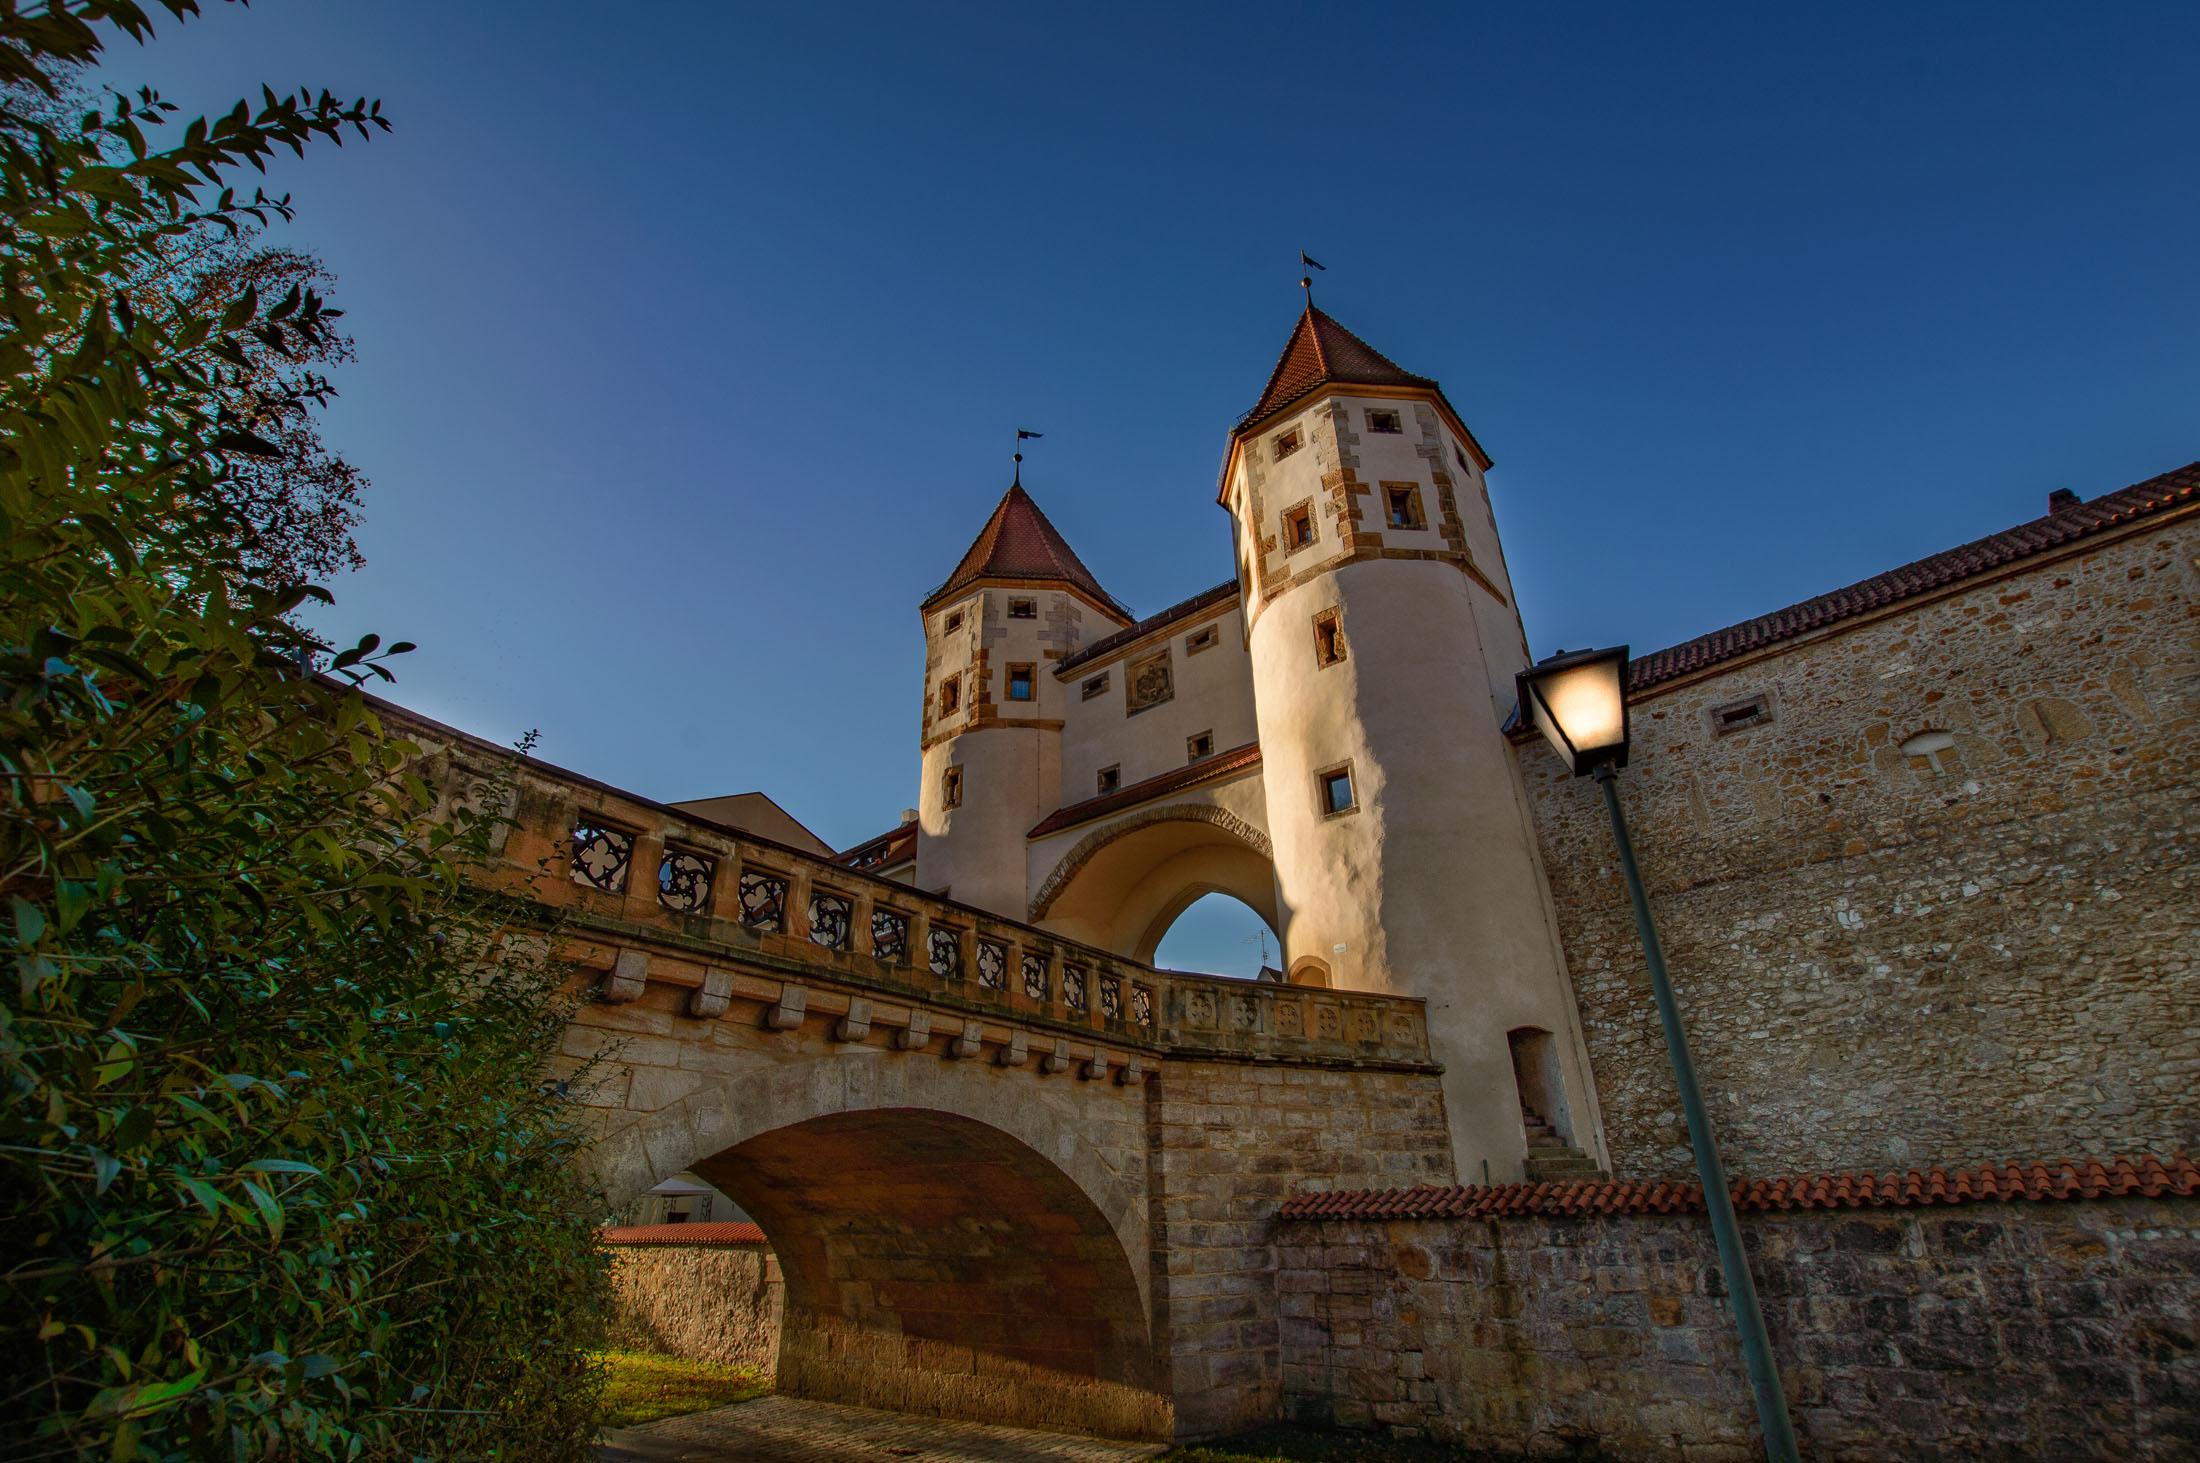 Medival gates - Nabburger Tor